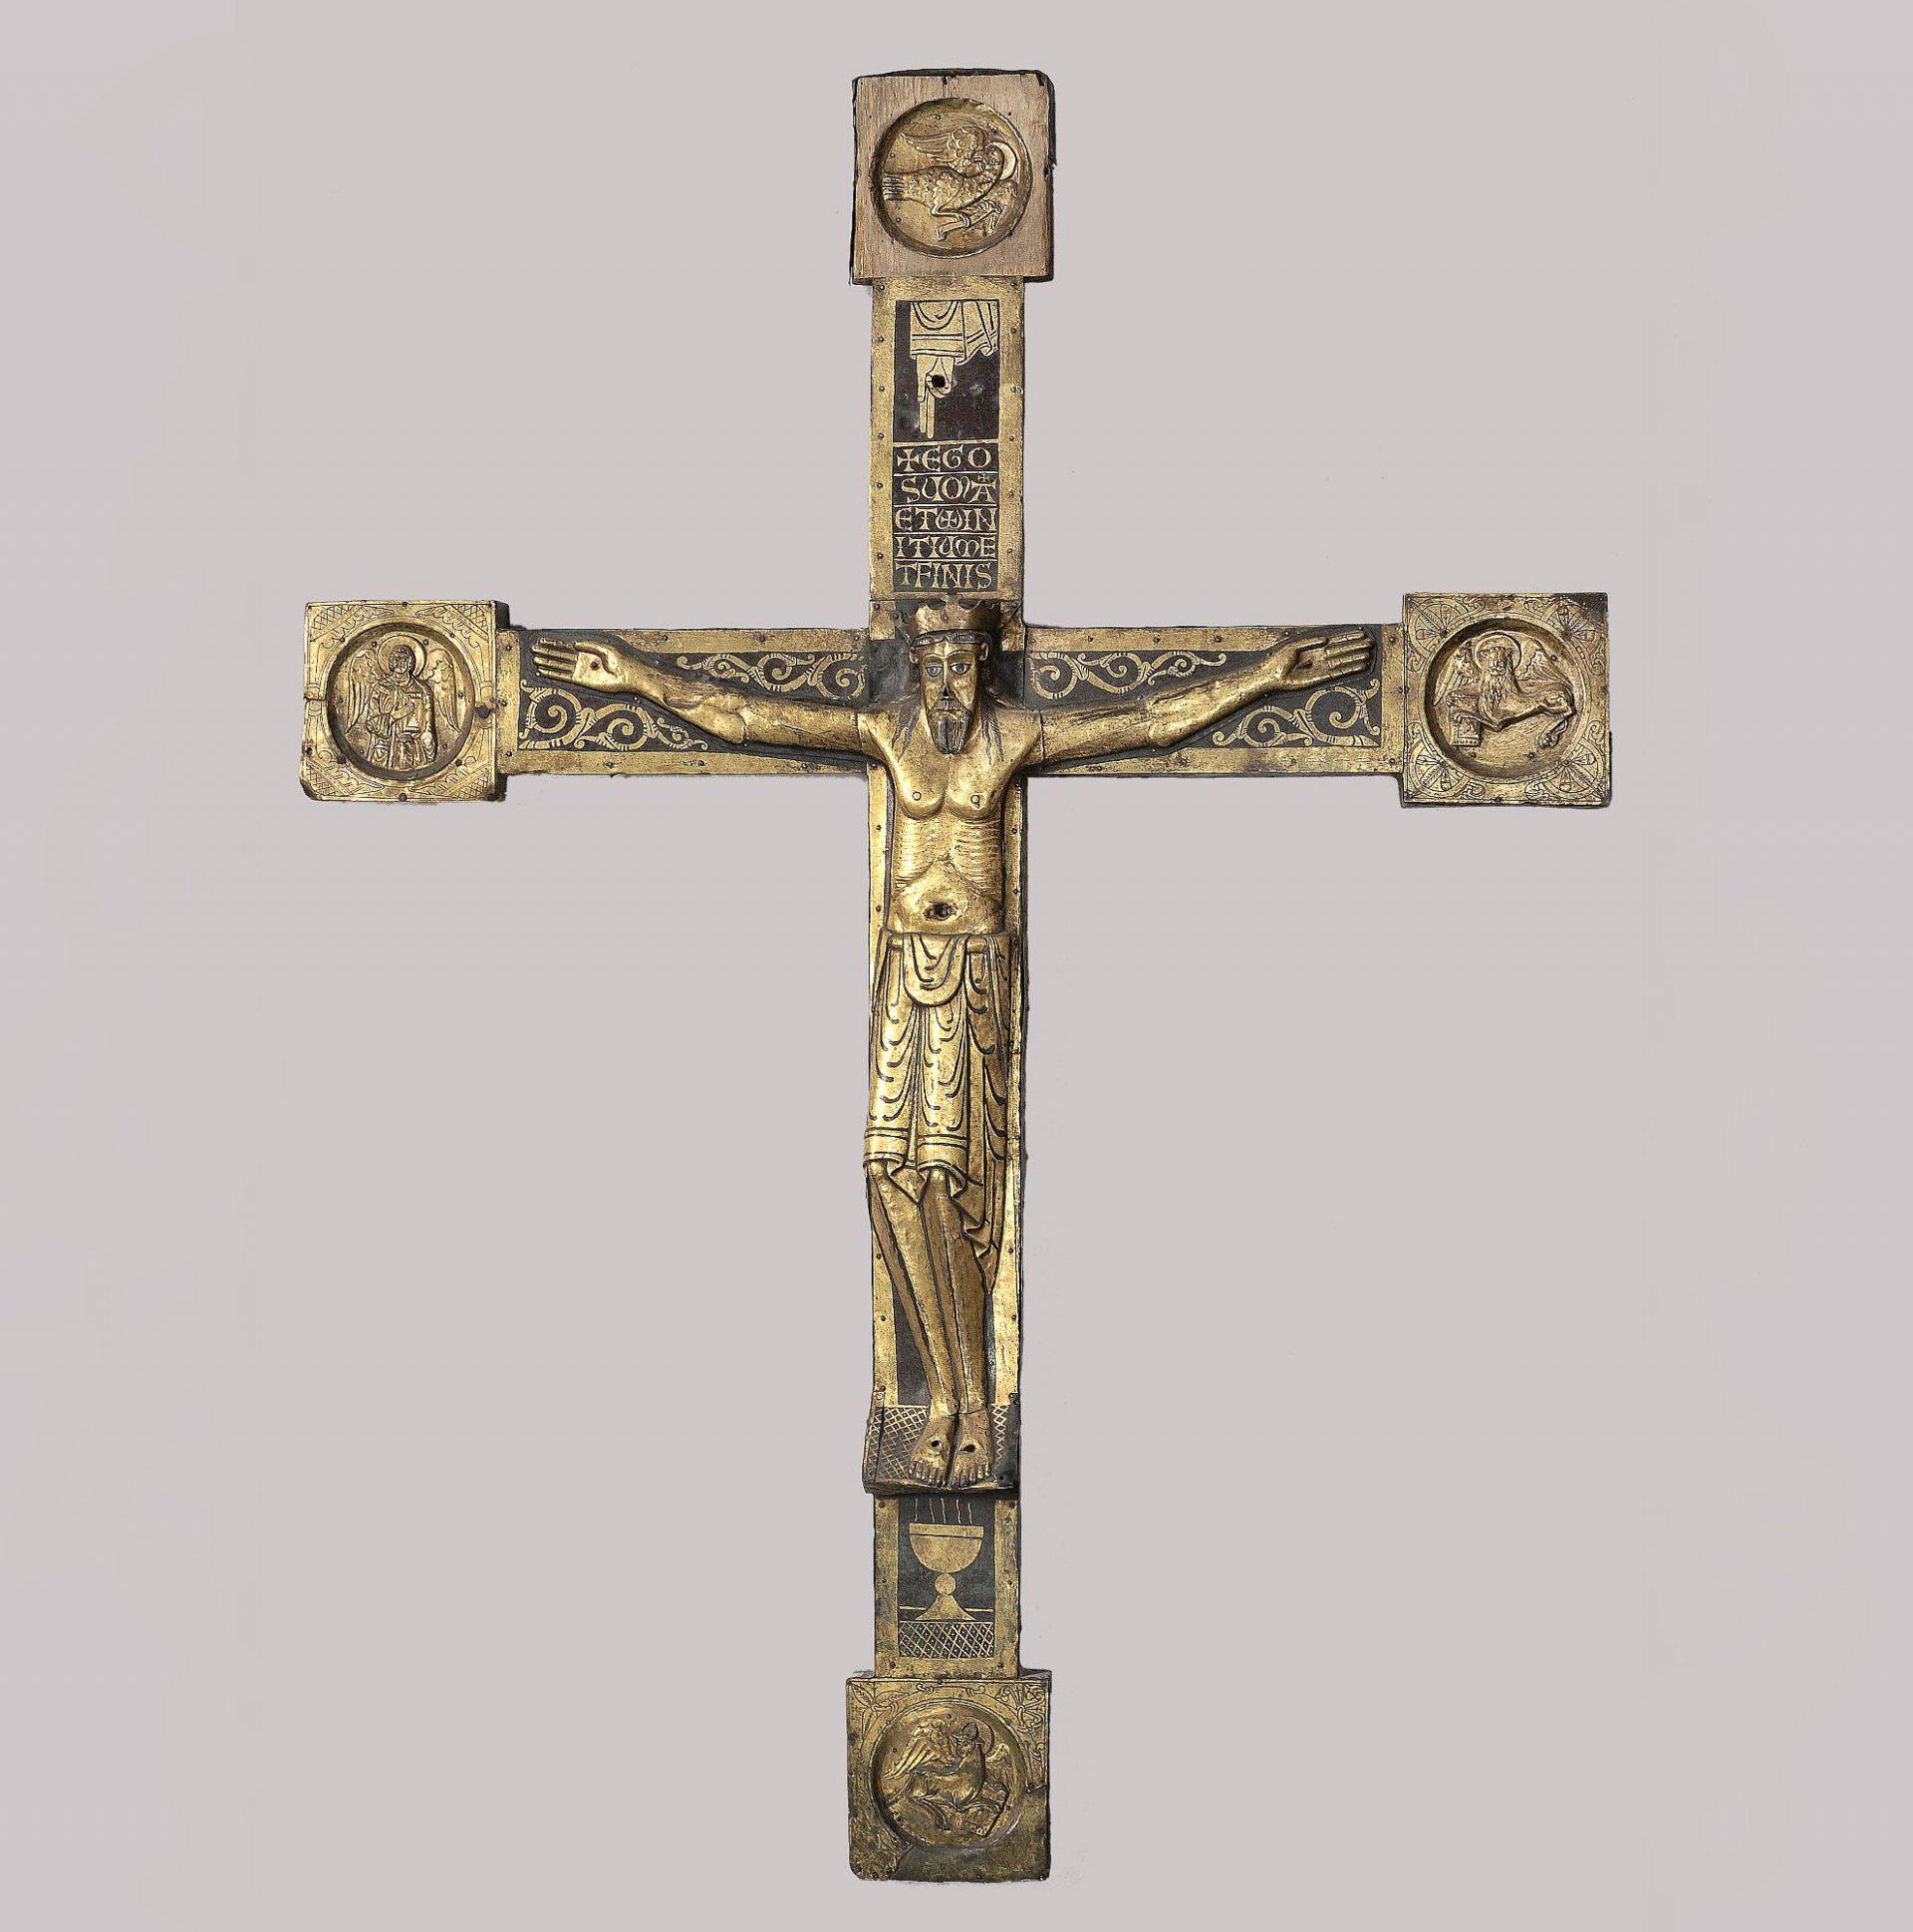 Krucifix av brons med svartmålad dekor. Från Broddetorps kyrka.